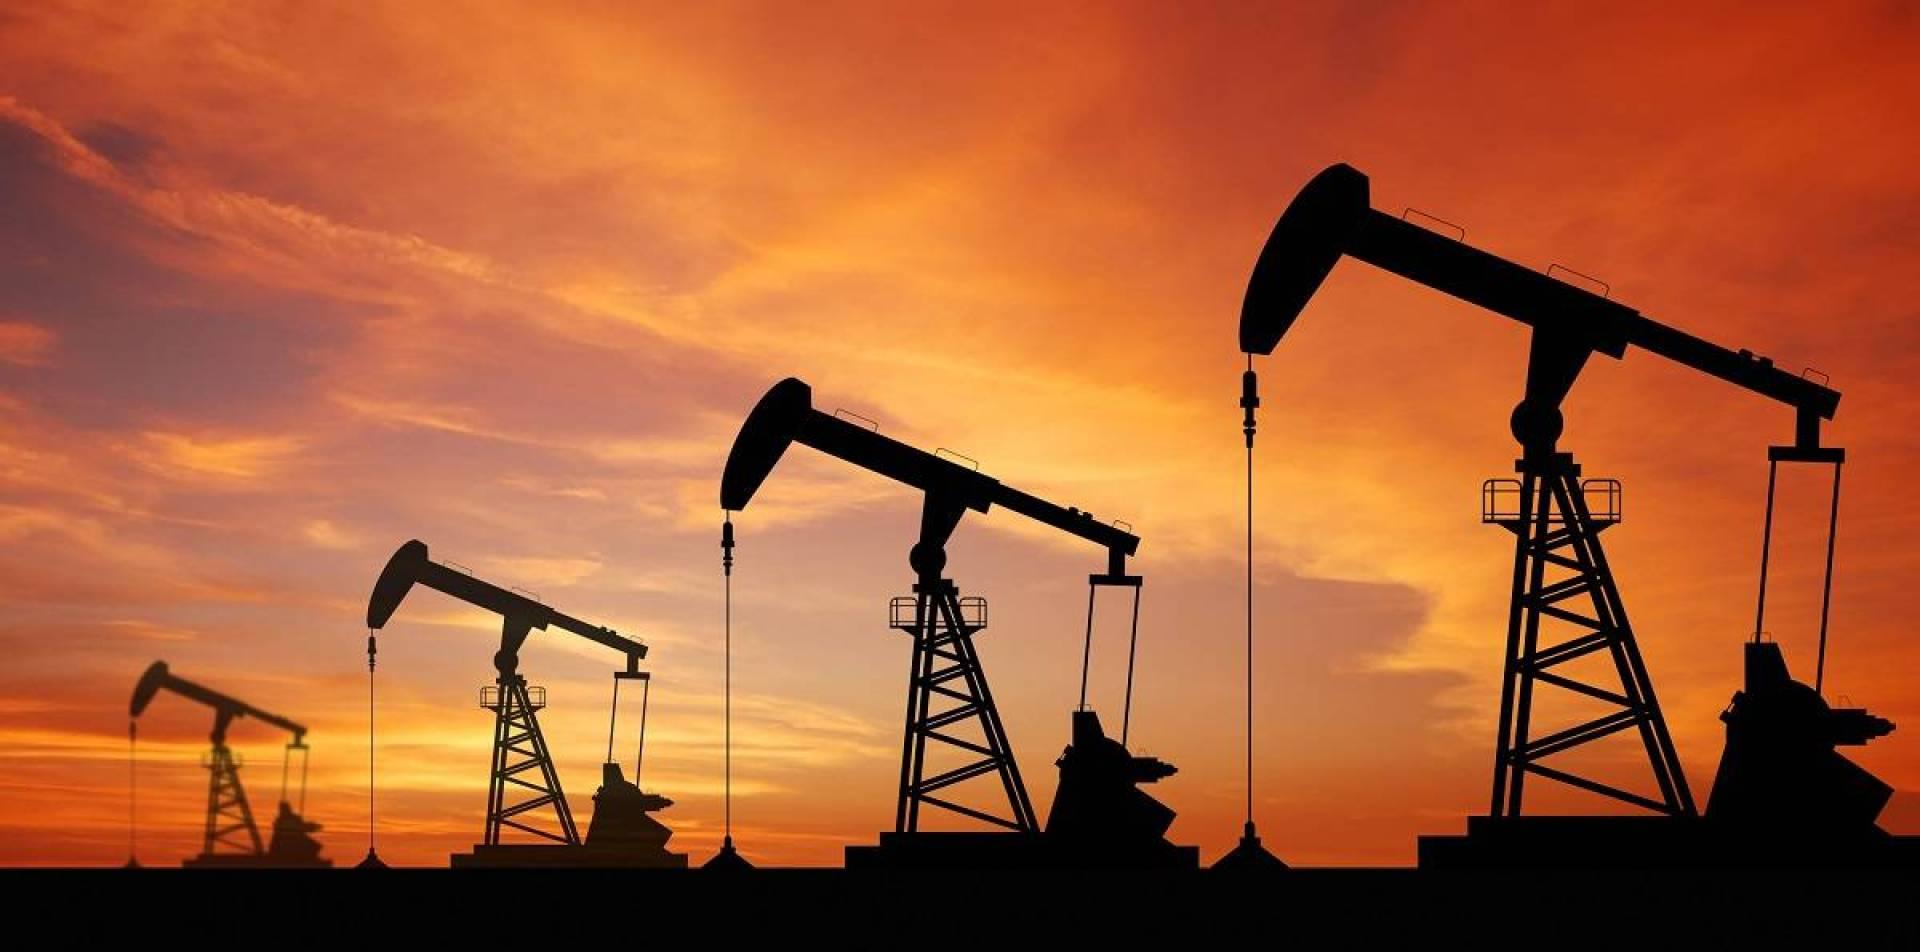 سعر برميل النفط من خام برنت يقفز بواقع 4.17 دولارات ليبلغ 34.11 دولاراً